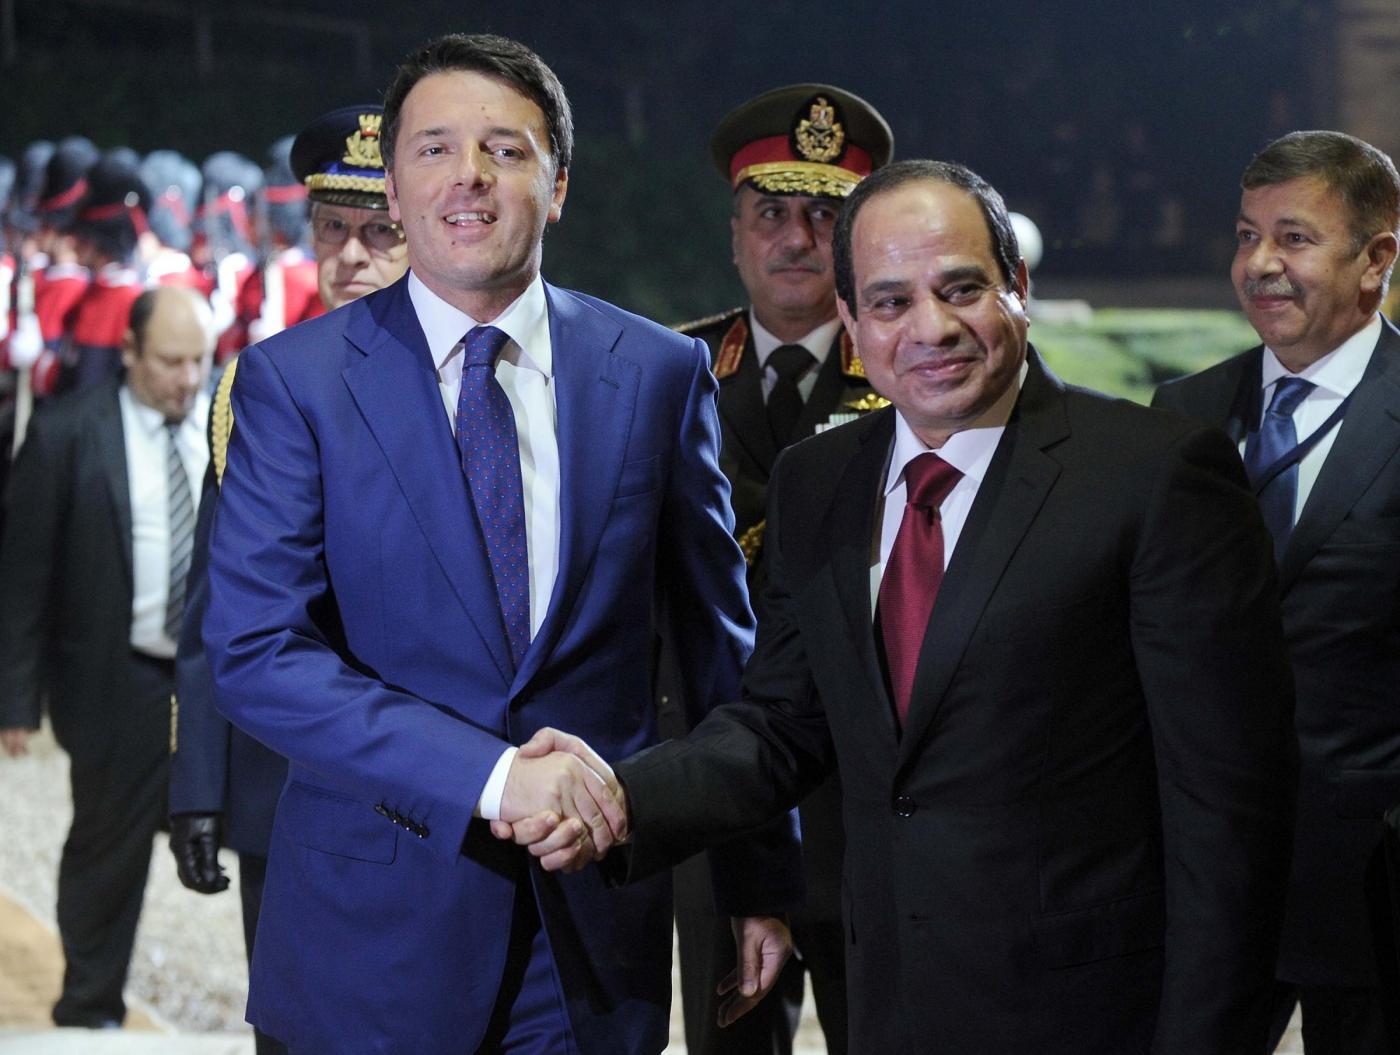 Regeni: Italia-Egitto, quando gli interessi economici contano più della verità